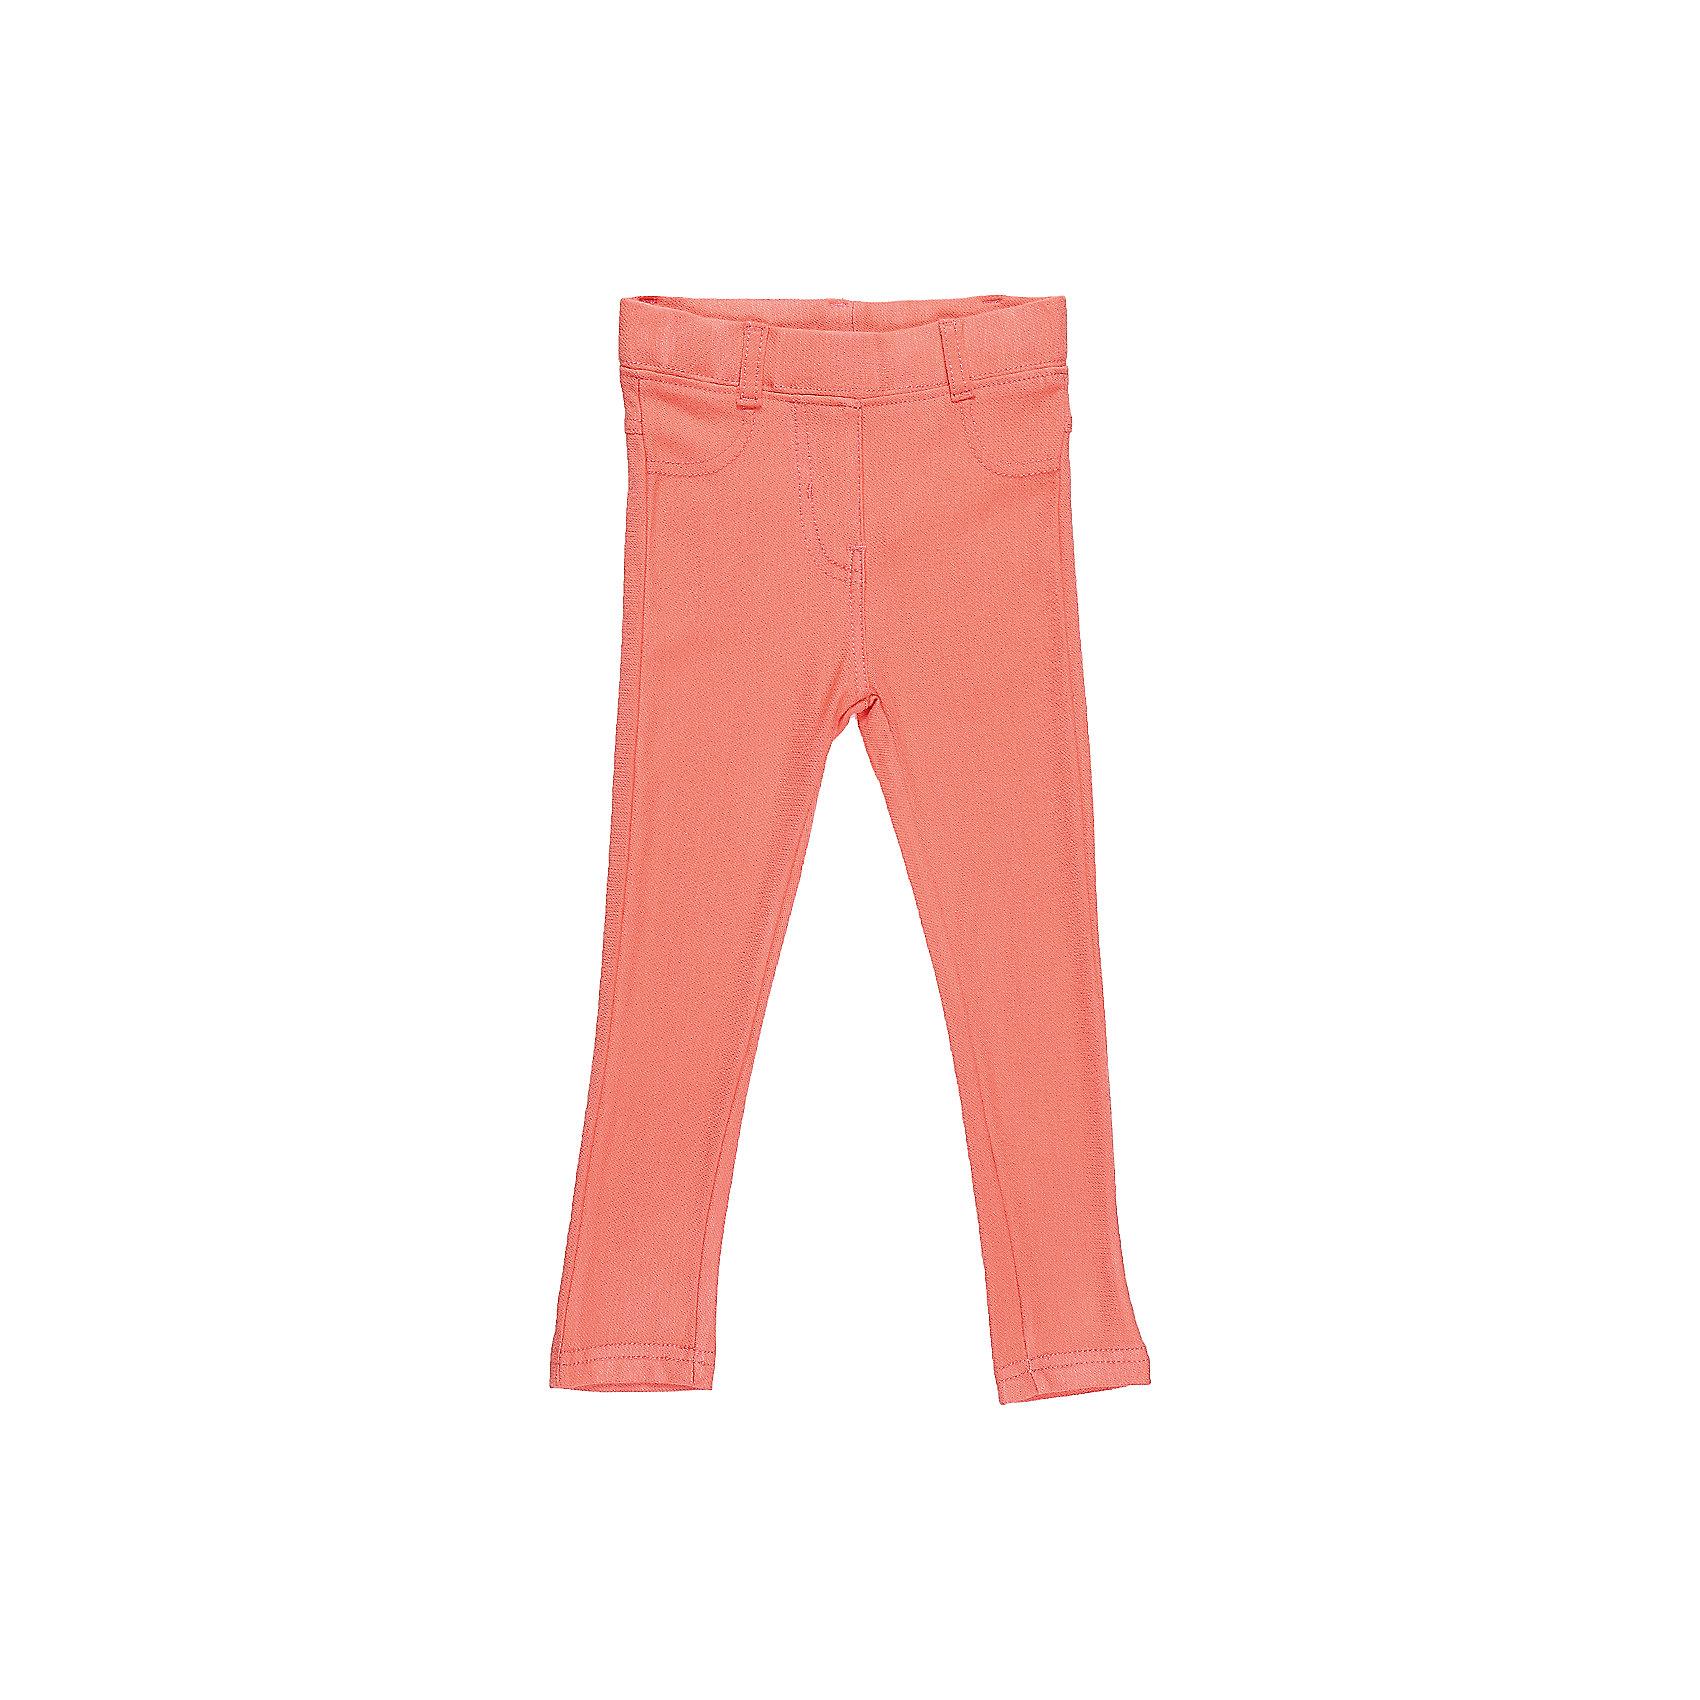 Леггинсы для девочки Sweet BerryДжинсы и брючки<br>Трикотажные брюки-джеггинсыдля девочки. Модель зауженного кроя. Два накладных кармана сзади.<br>Состав:<br>95%хлопок 5%эластан<br><br>Ширина мм: 123<br>Глубина мм: 10<br>Высота мм: 149<br>Вес г: 209<br>Цвет: розовый<br>Возраст от месяцев: 12<br>Возраст до месяцев: 15<br>Пол: Женский<br>Возраст: Детский<br>Размер: 80,86,92,98<br>SKU: 5410904